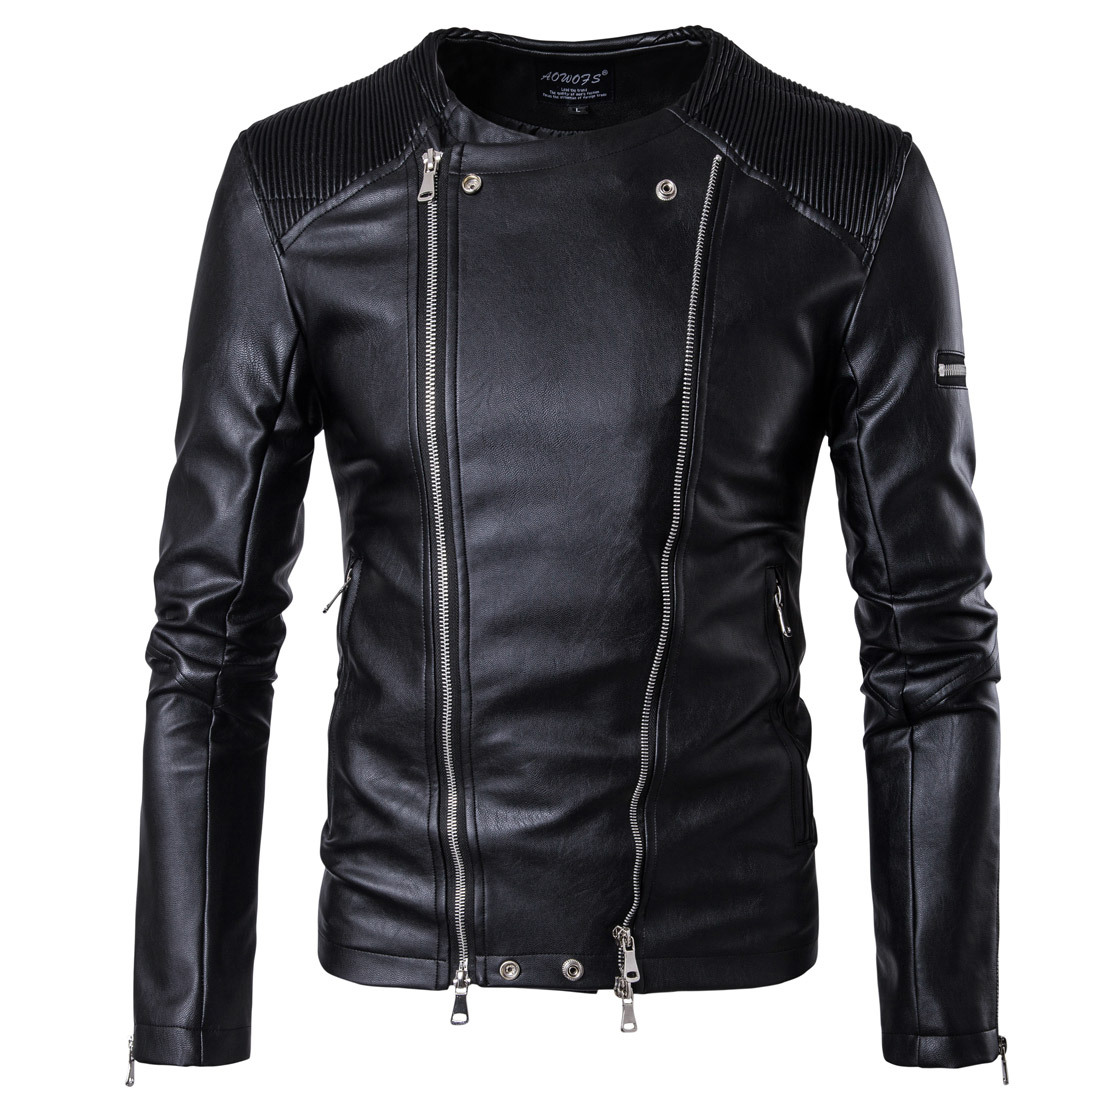 Euro 2019 new fashion mens motorcycle leather clothes fashion leather jacket jacket oversize m-5xl B001